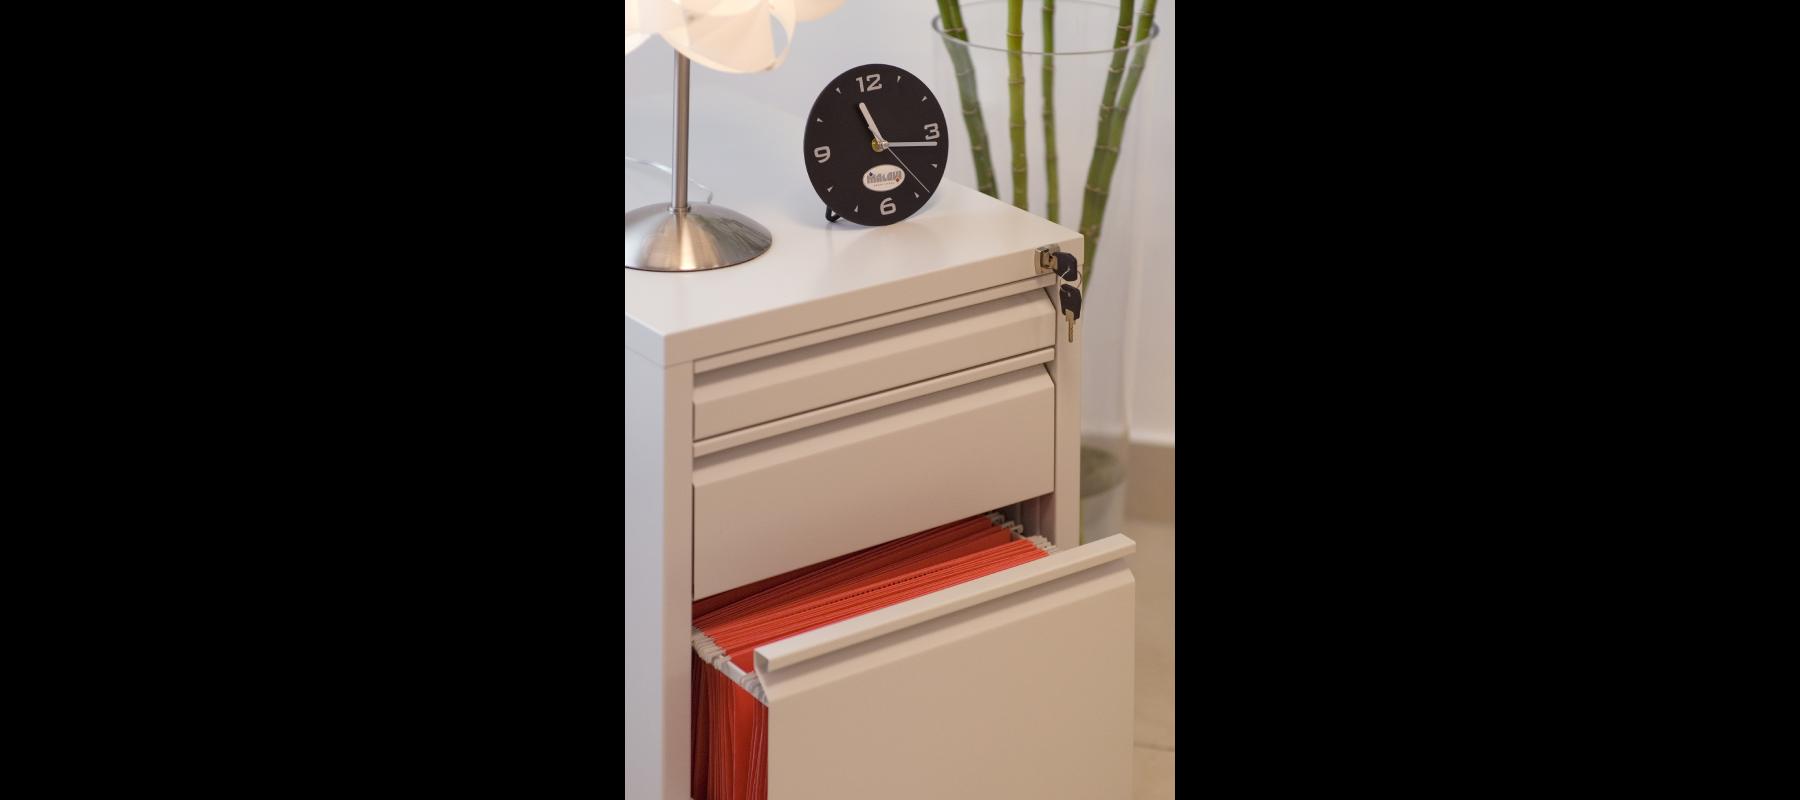 meble metalowe metalowe meble biurowe szafy szufladowe mw detale - 02